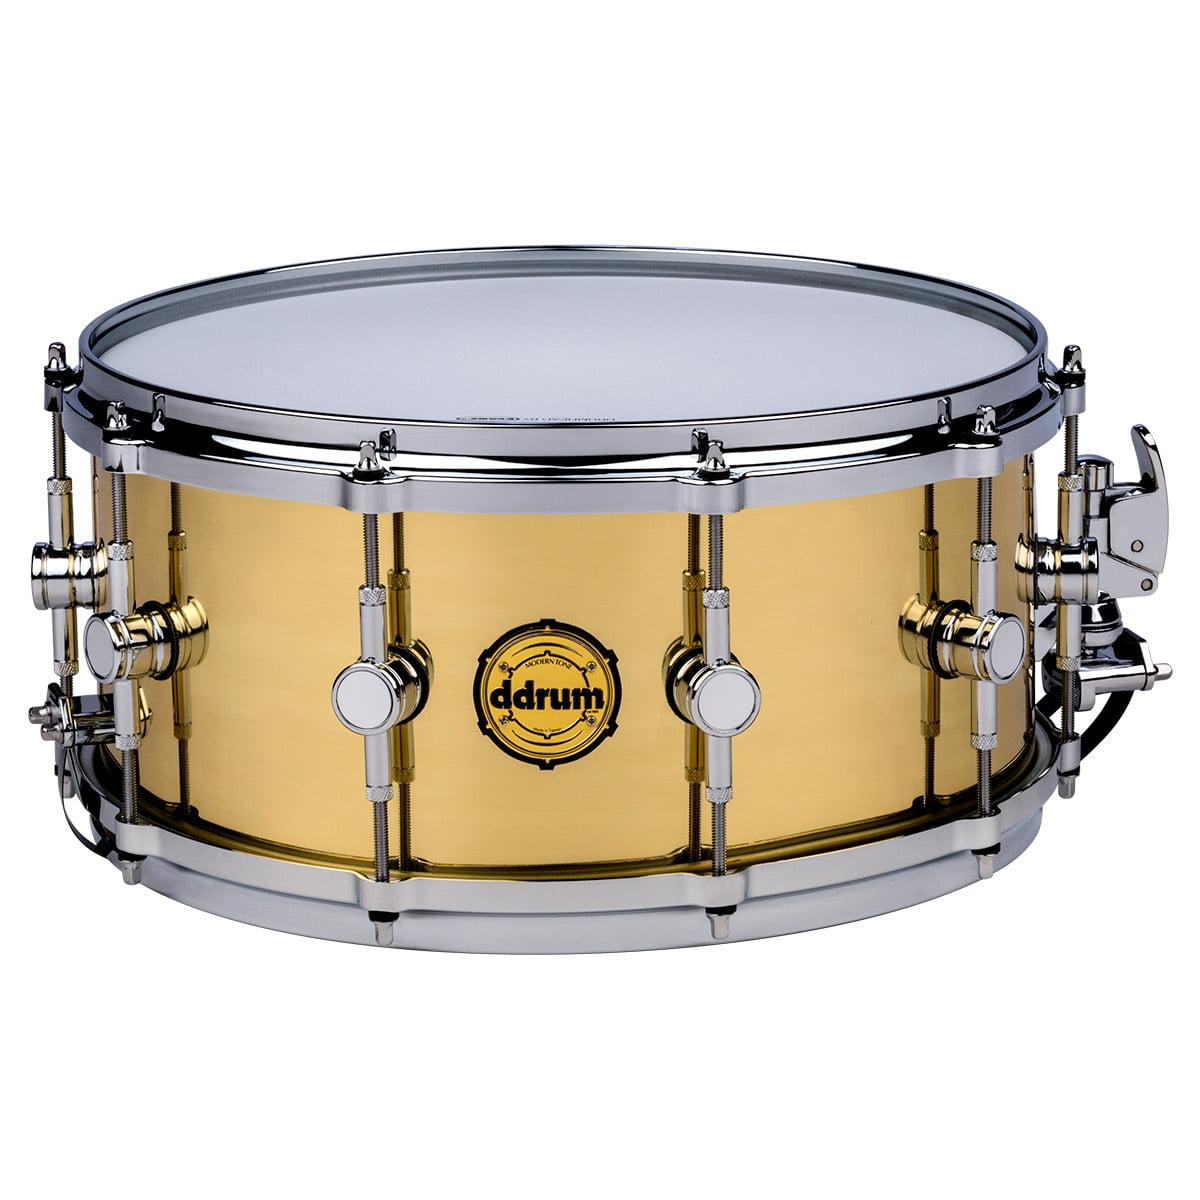 ddrum Modern Tone 6.5x14 Brass Snare Drum